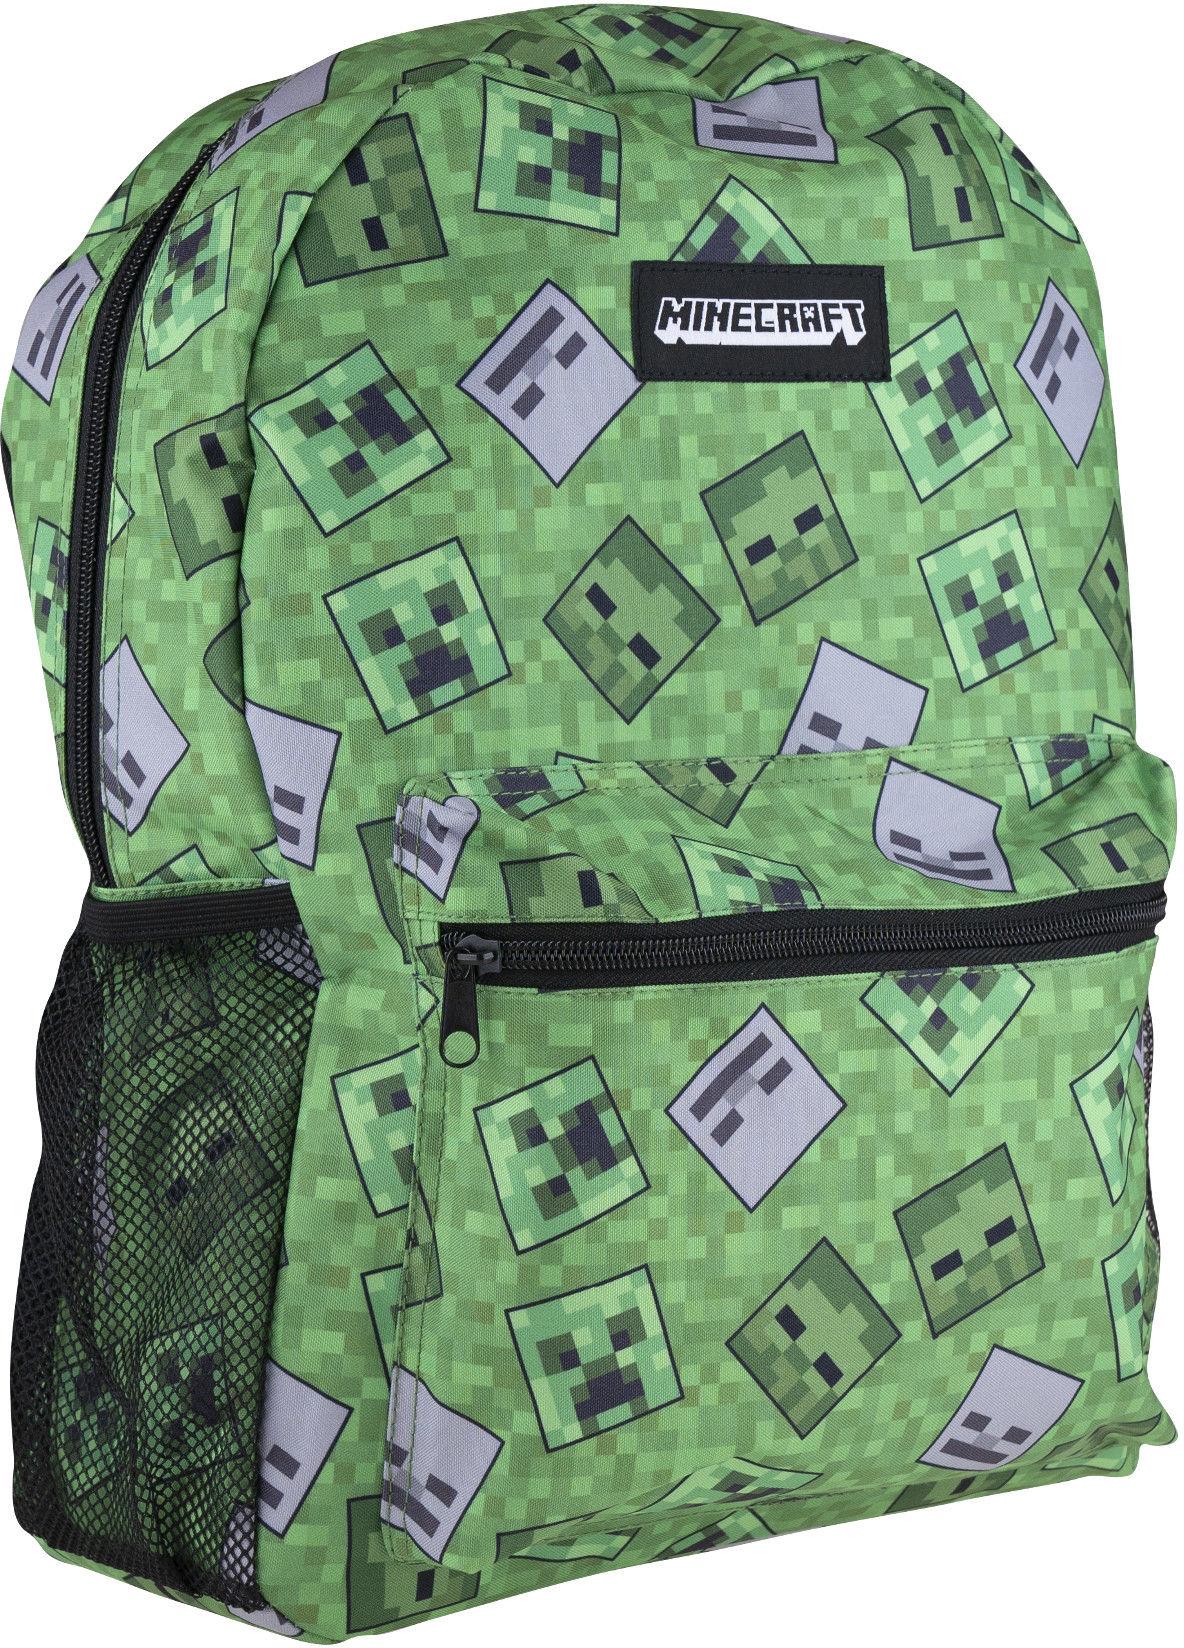 Plecak + piórnik + bidon + śniadaniówka Minecraft 512020001